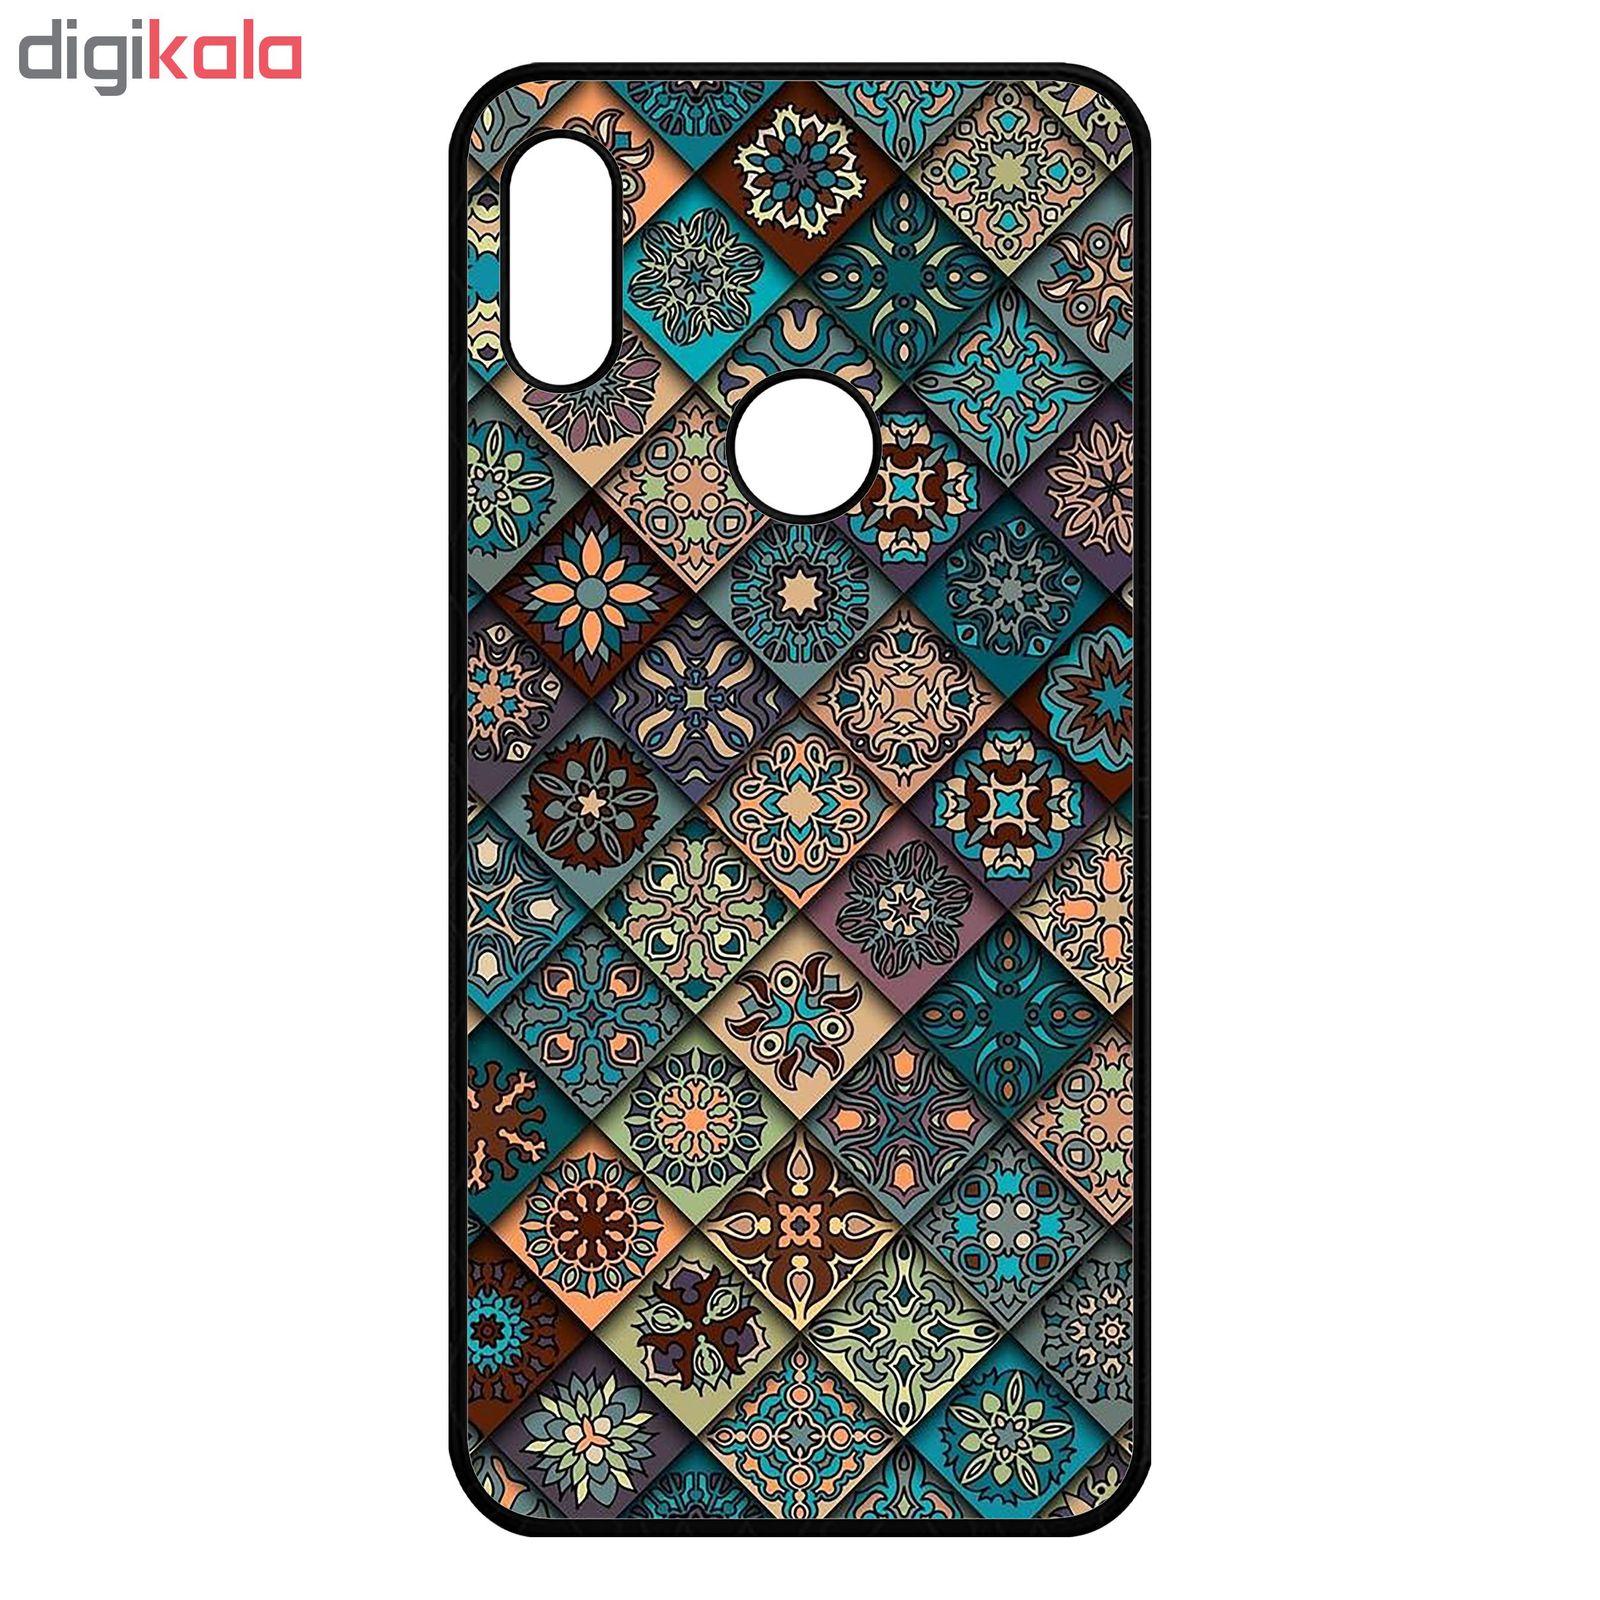 کاور طرح Tile مدل CHL50093 مناسب برای گوشی موبایل هوآوی Y6 2019 main 1 1